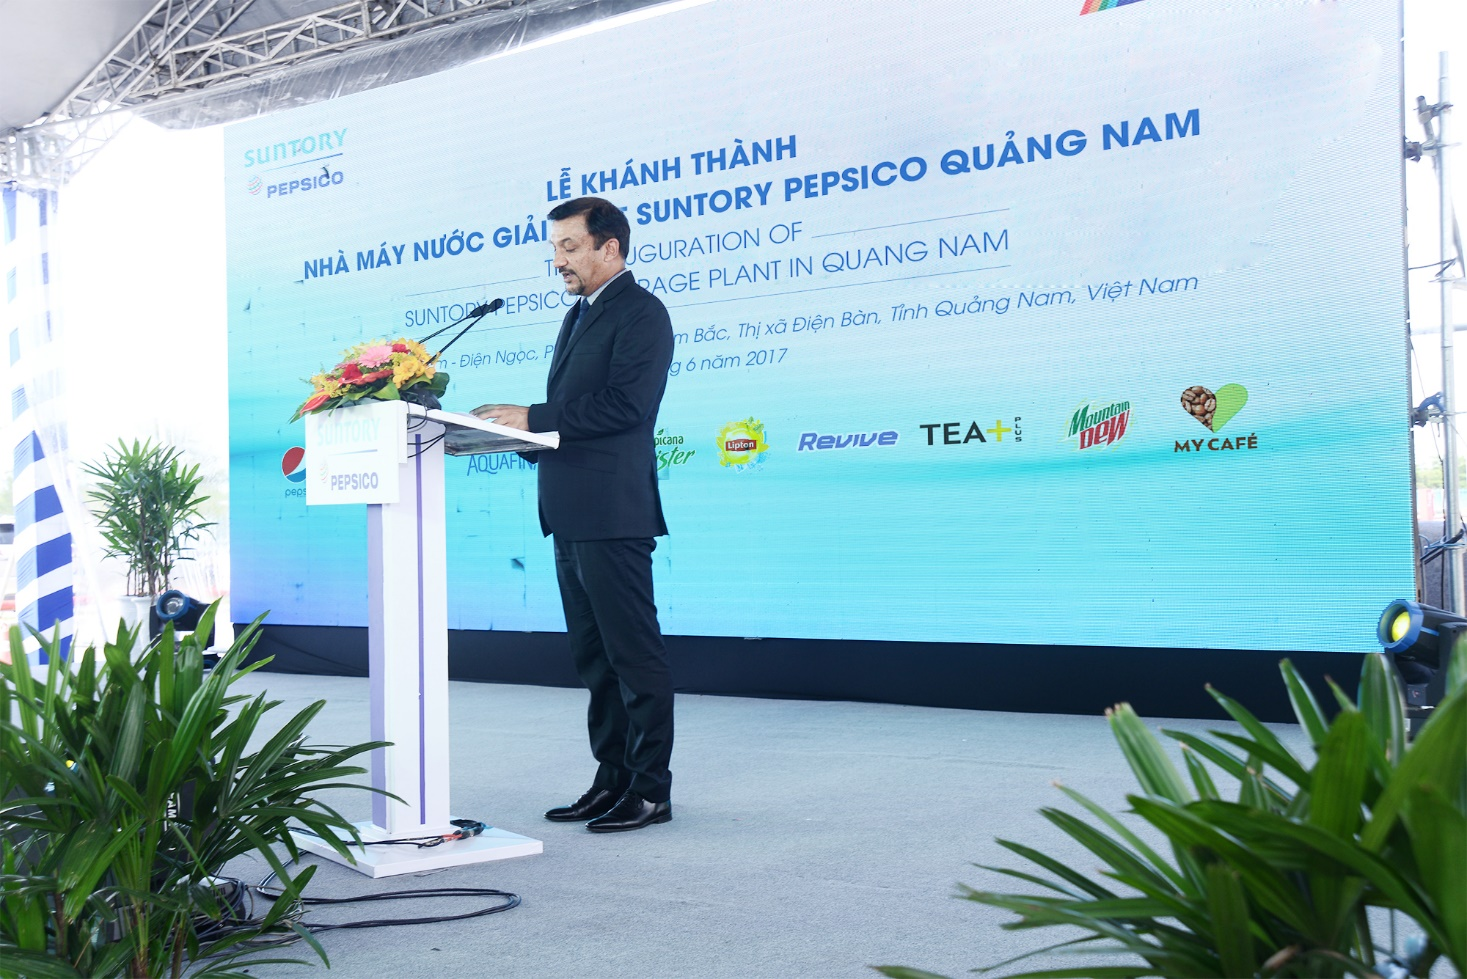 """Tổng Giám đốc Suntory PepsiCo: """"Chúng tôi chú trọng yếu tố bảo vệ môi trường và tiện ích cho nhân viên"""""""